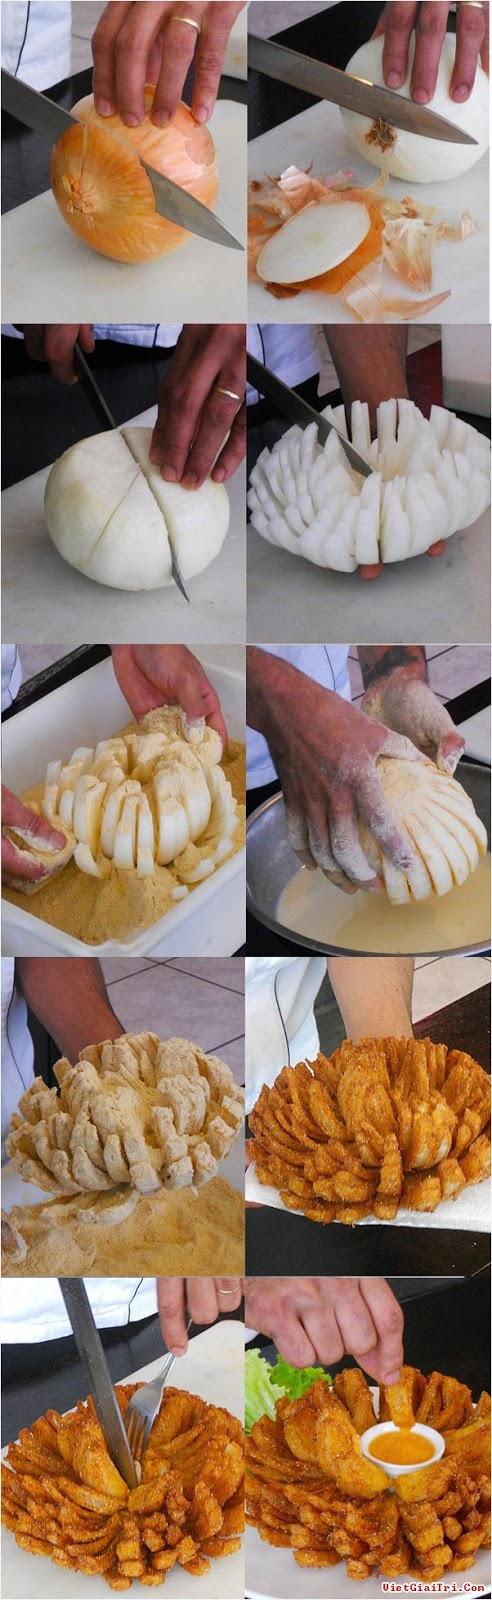 , луковые кольца в кляре рецепт с фото, из чего делают луковые кольца, что самое вкусное в луковых кольцах, луковые кольца во фритюре, луковые кольца в кляре рецепт с фото, как обжарить лук, как приготовить луковые кольца дома, луковые кольца как в бургер кинг рецепт, вкусный лук рецепт, как поджарить лук, луковые кольца в домашних условиях рецепт, самые вкусные луковые кольца, как приготовить луковые кольца рецепт с фото, блюда из лука, закуски из лука, еда из лука, чипсы из лука, как приготовить лук вкусно, что можно приготовить из лука, закуски из репчатого лука, http://handmade.parafraz.space/лук, овощи, рецепты кулинарные, советы кулинарные, фритюр, луковые кольца, блюда из лука, блюда во фритюре, закуски, луковые чипсы, рецепты луковых колец, овощи во фритюре, закуски к пиву, приготовление закусок, приготовление лука, рецепты луковые, еда, про лук, про еду, про закуски, рецепты с фото, рецепты луковых колец, кляр для лука, соус для луковых колец, приправа для луковых колец, Праздничный мир, как приготовить луковые кольца рецепты с фото, https://prazdnichnymir.ru/, Луковые кольца: секреты приготовления и рецепты,http://eda.parafraz.space/ овощи, лук, лук во фритюре, лук жареный, кольца луковые, цветы луковые, лук с соусом, закуска из лука, блюда из лука, закуски из лука, цветы из лука, лук с соусом, кухня индийская,